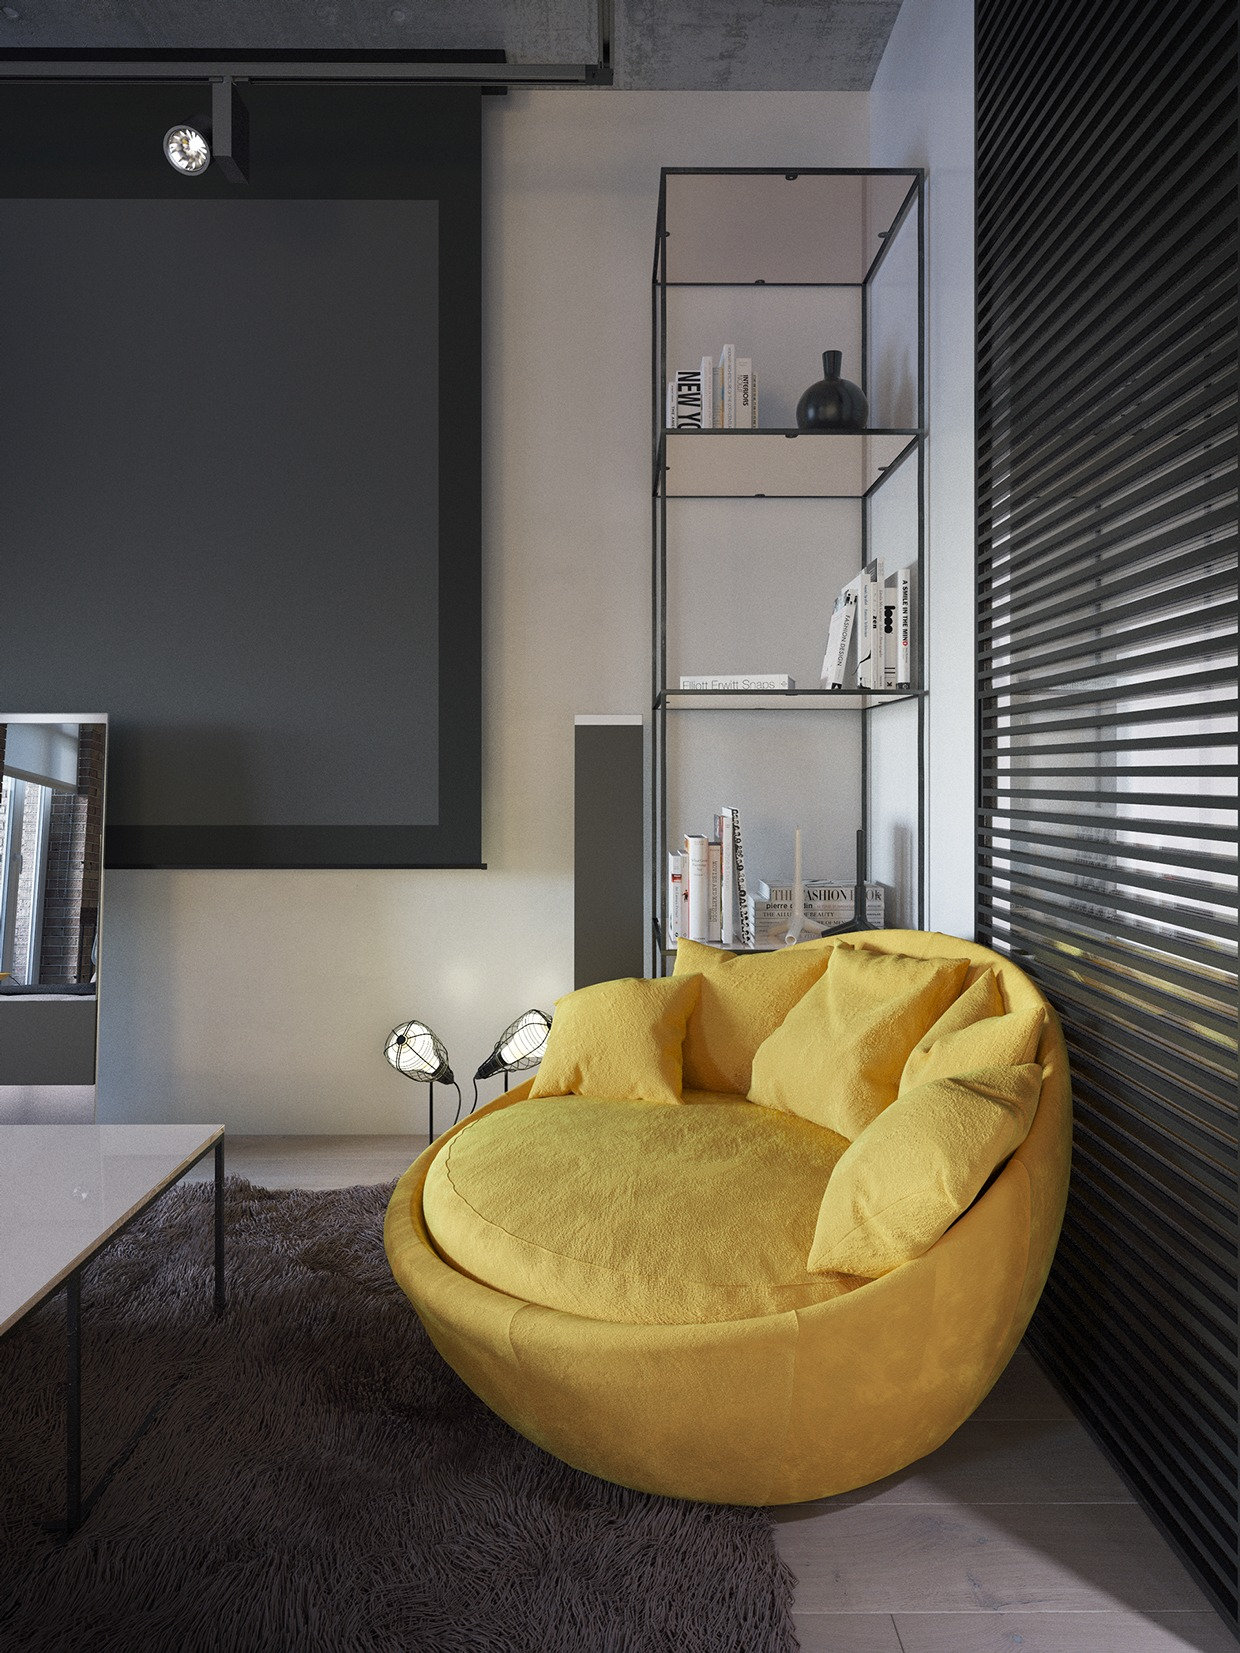 Wedo thiết kế nội thất phòng khách, sofa đẹp với màu vàng